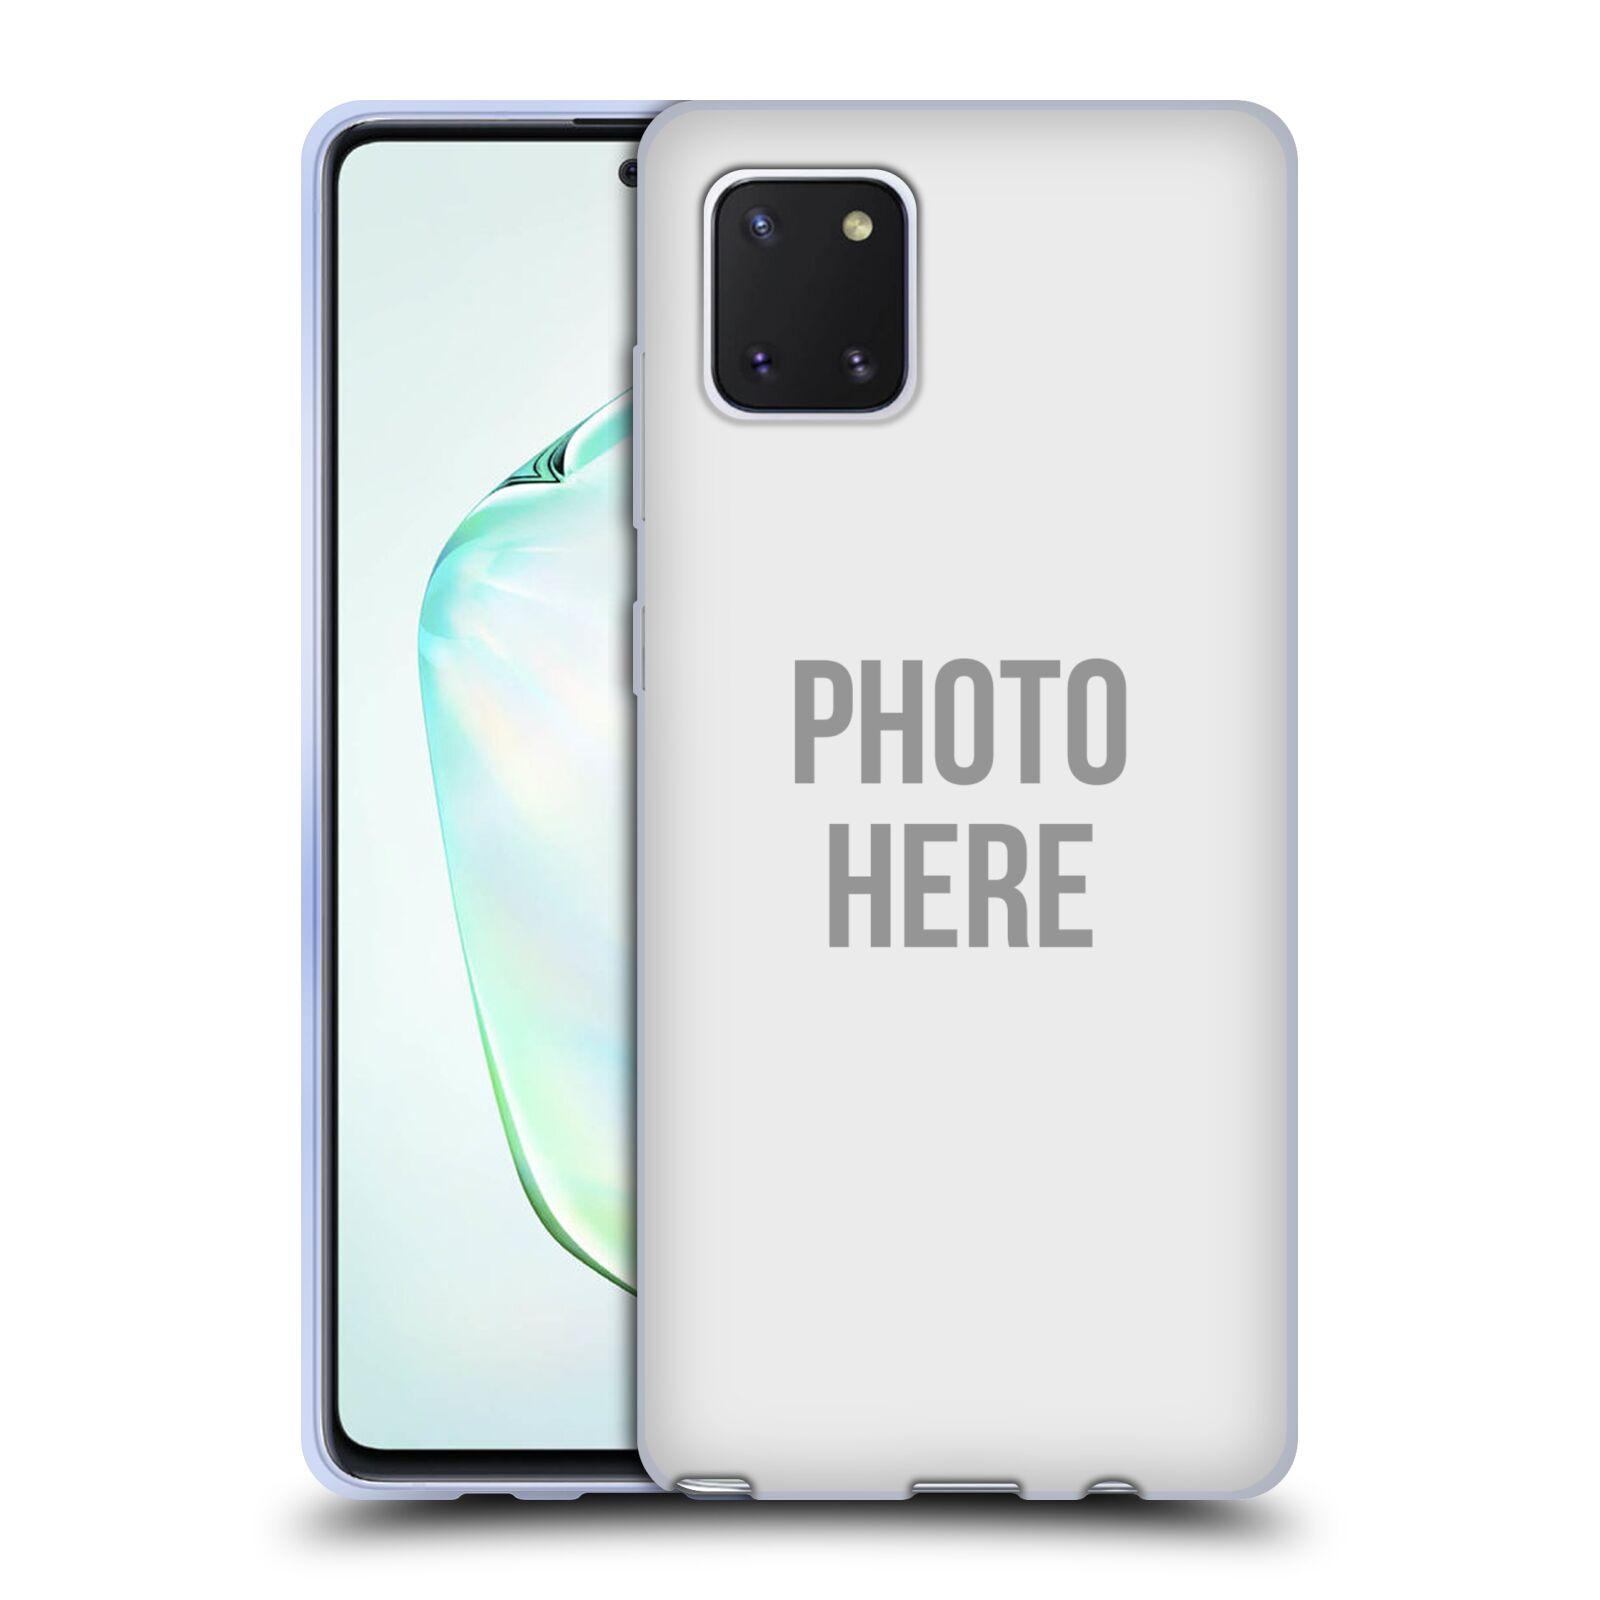 Silikonové pouzdro na mobil Samsung Galaxy Note 10 Lite - Head Case - s vlastním motivem